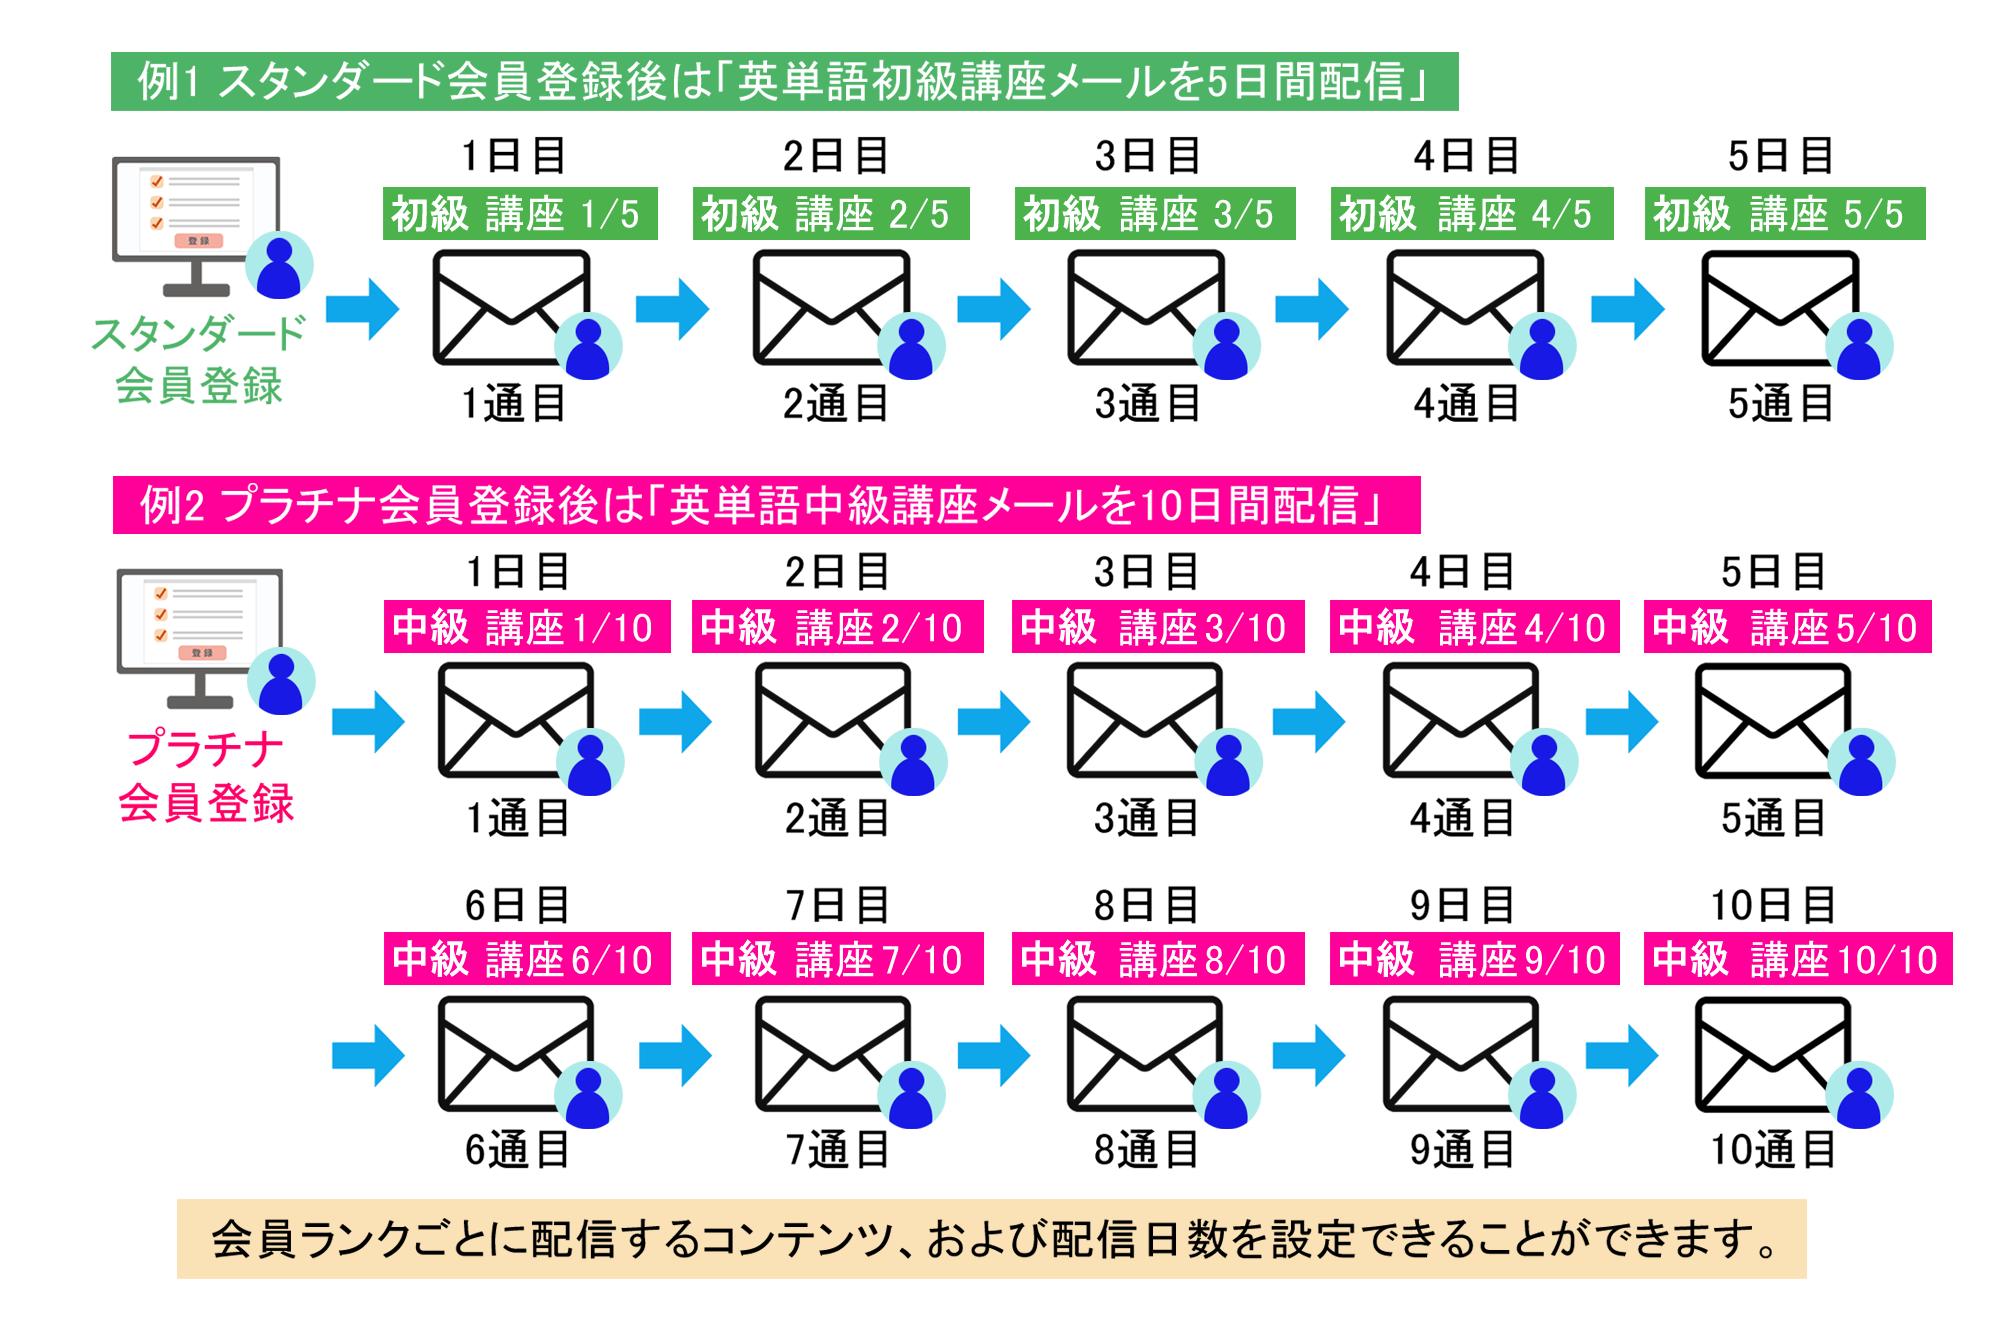 ステップメールについての解説